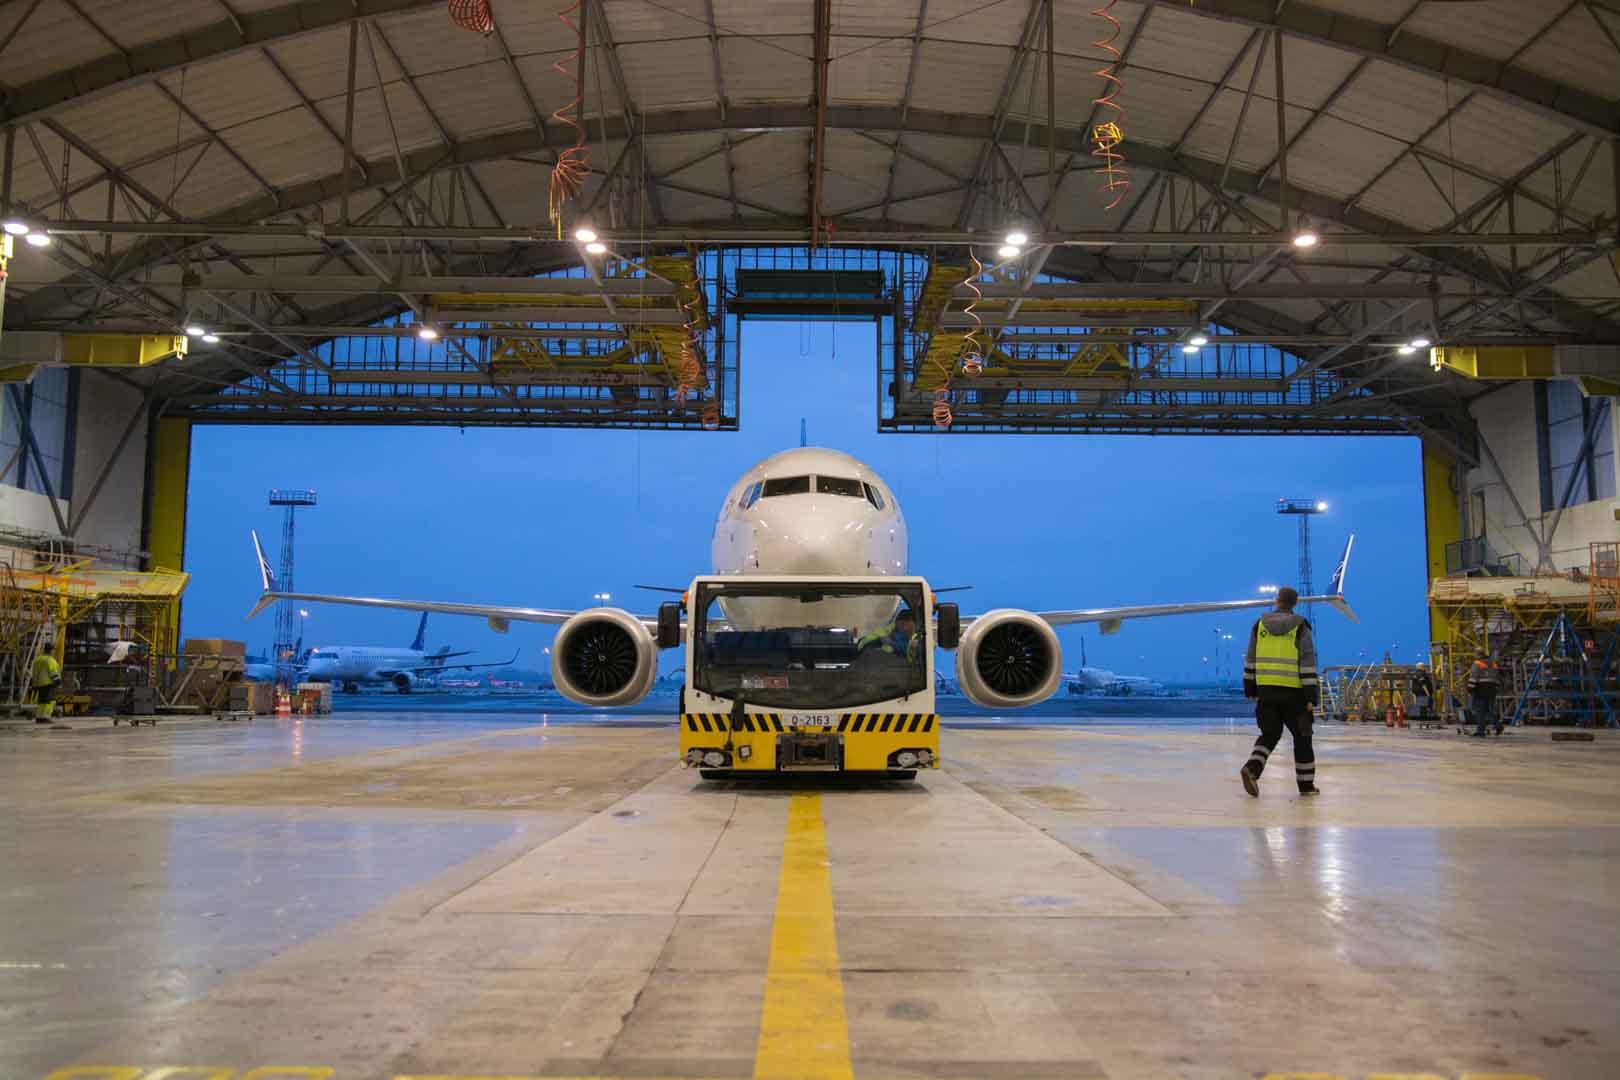 737 max załoga-1-8